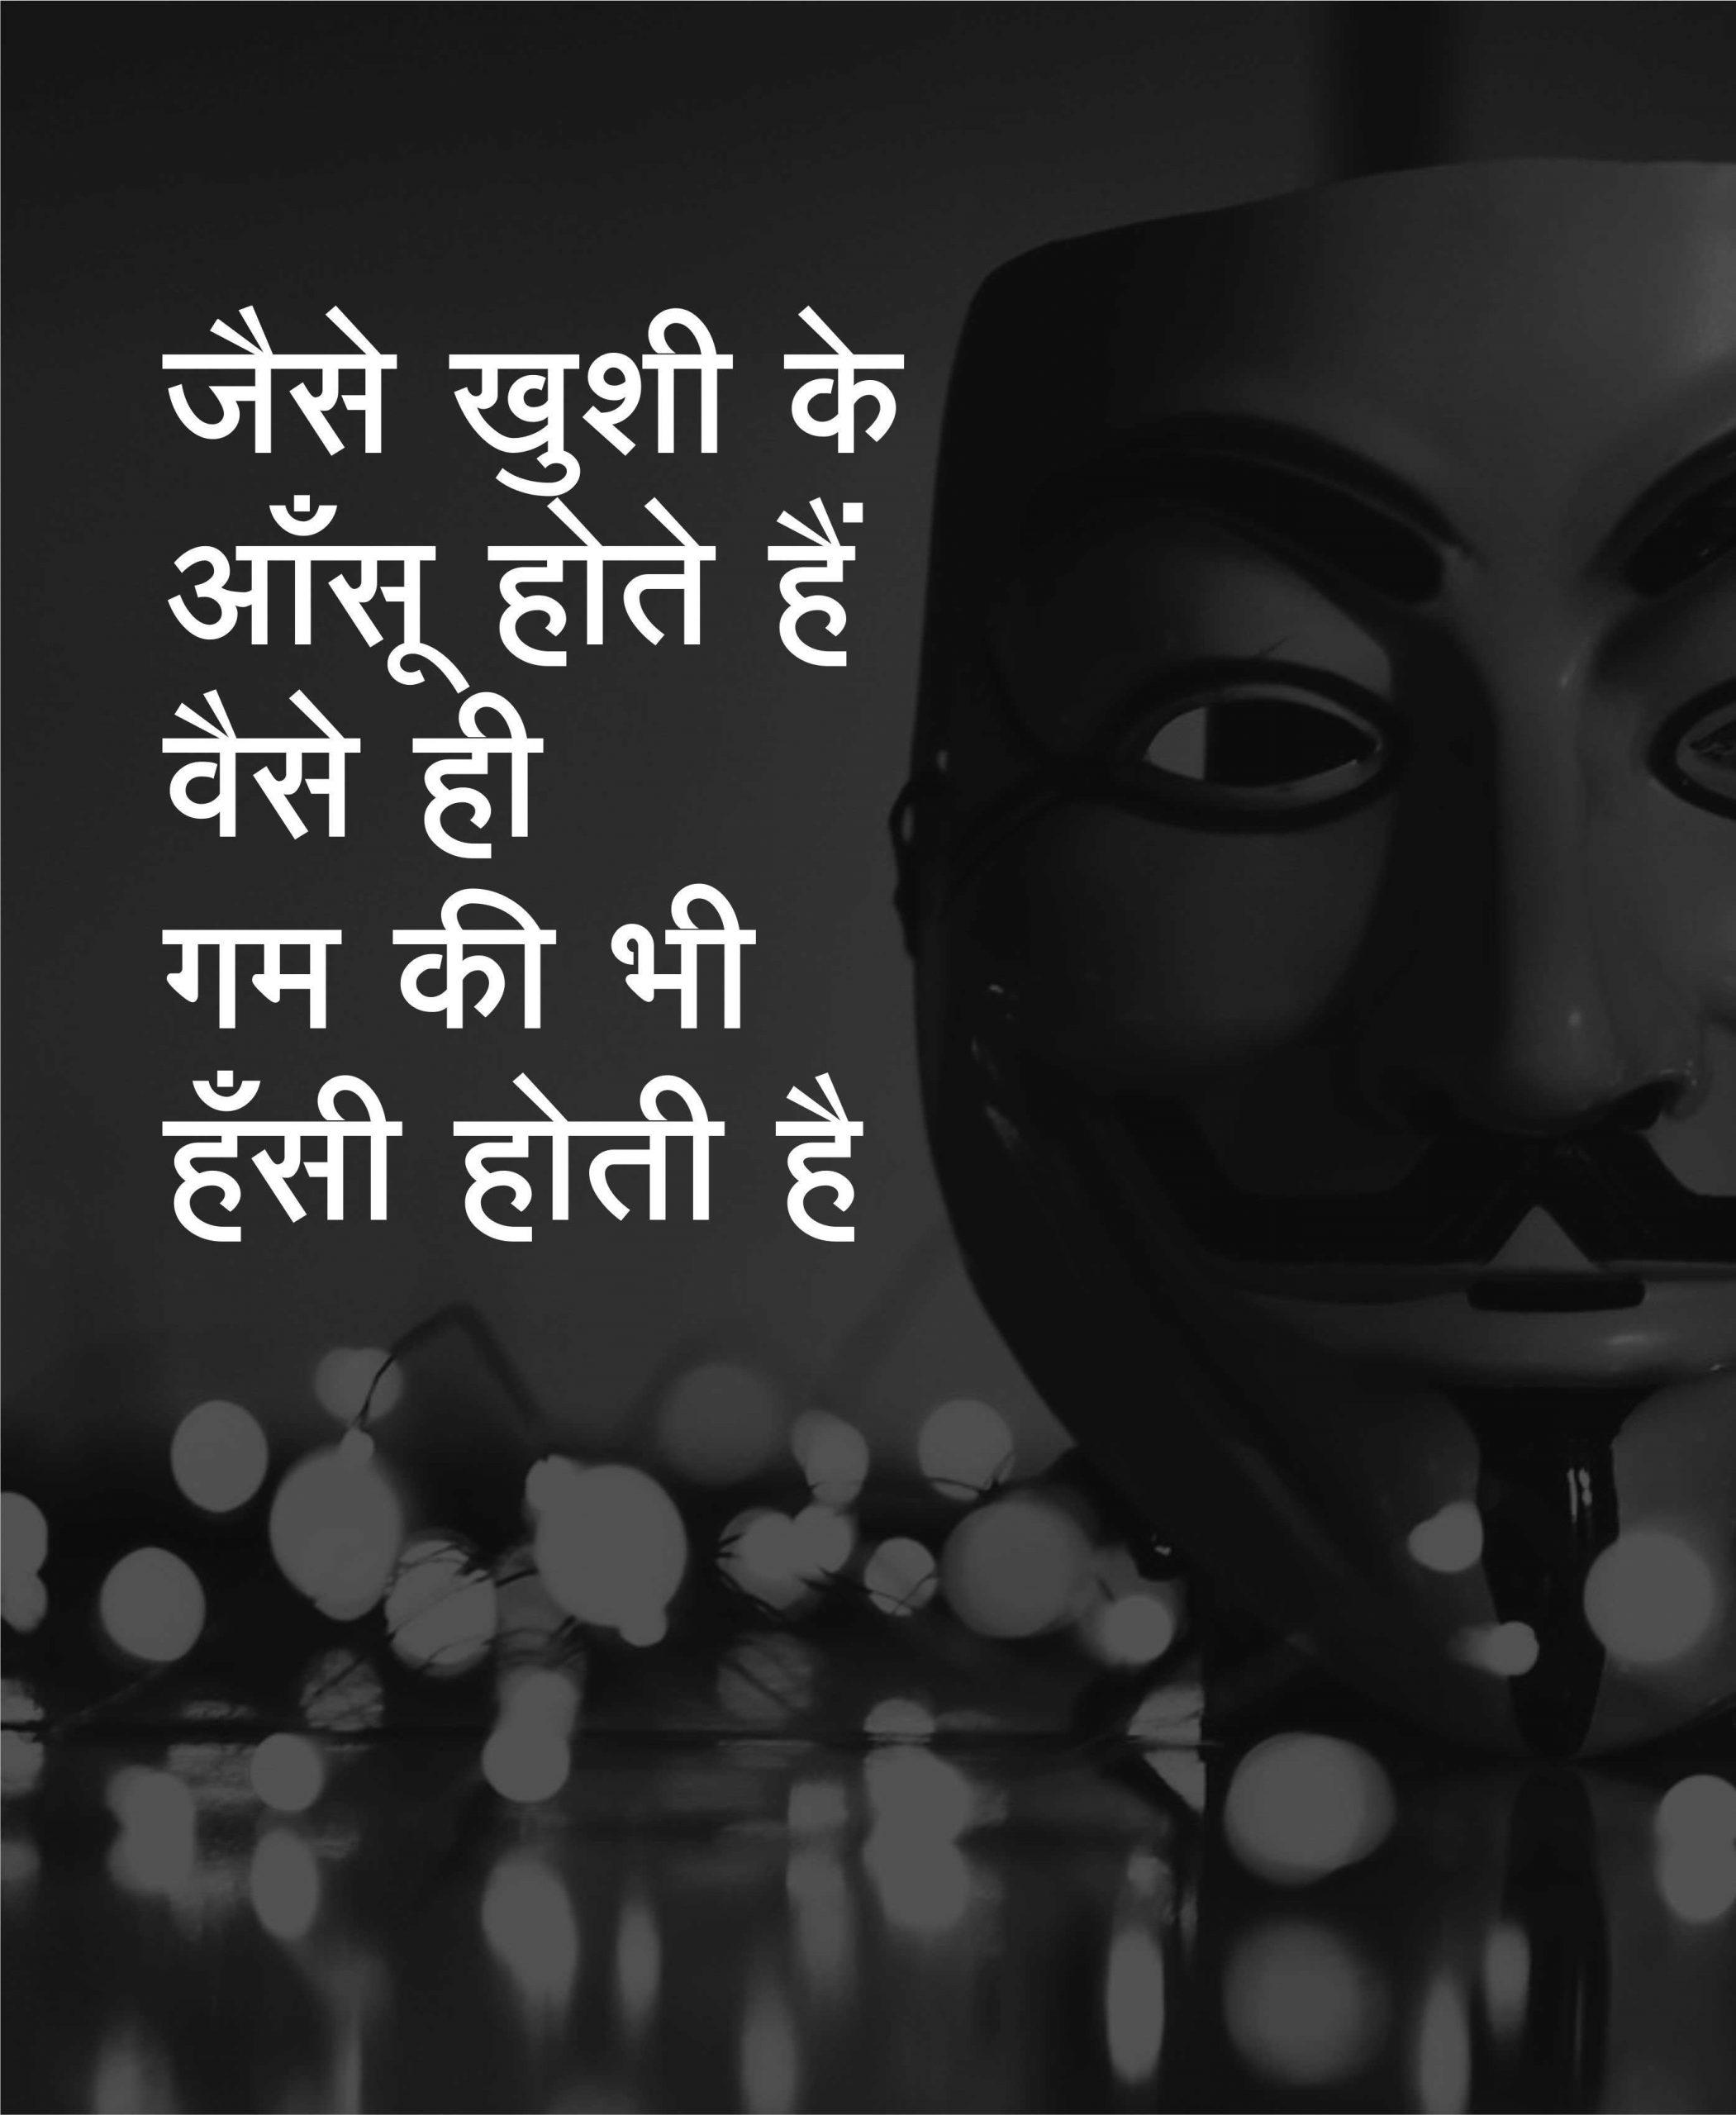 Hindi Quotes Whatsapp DP Photo Pics